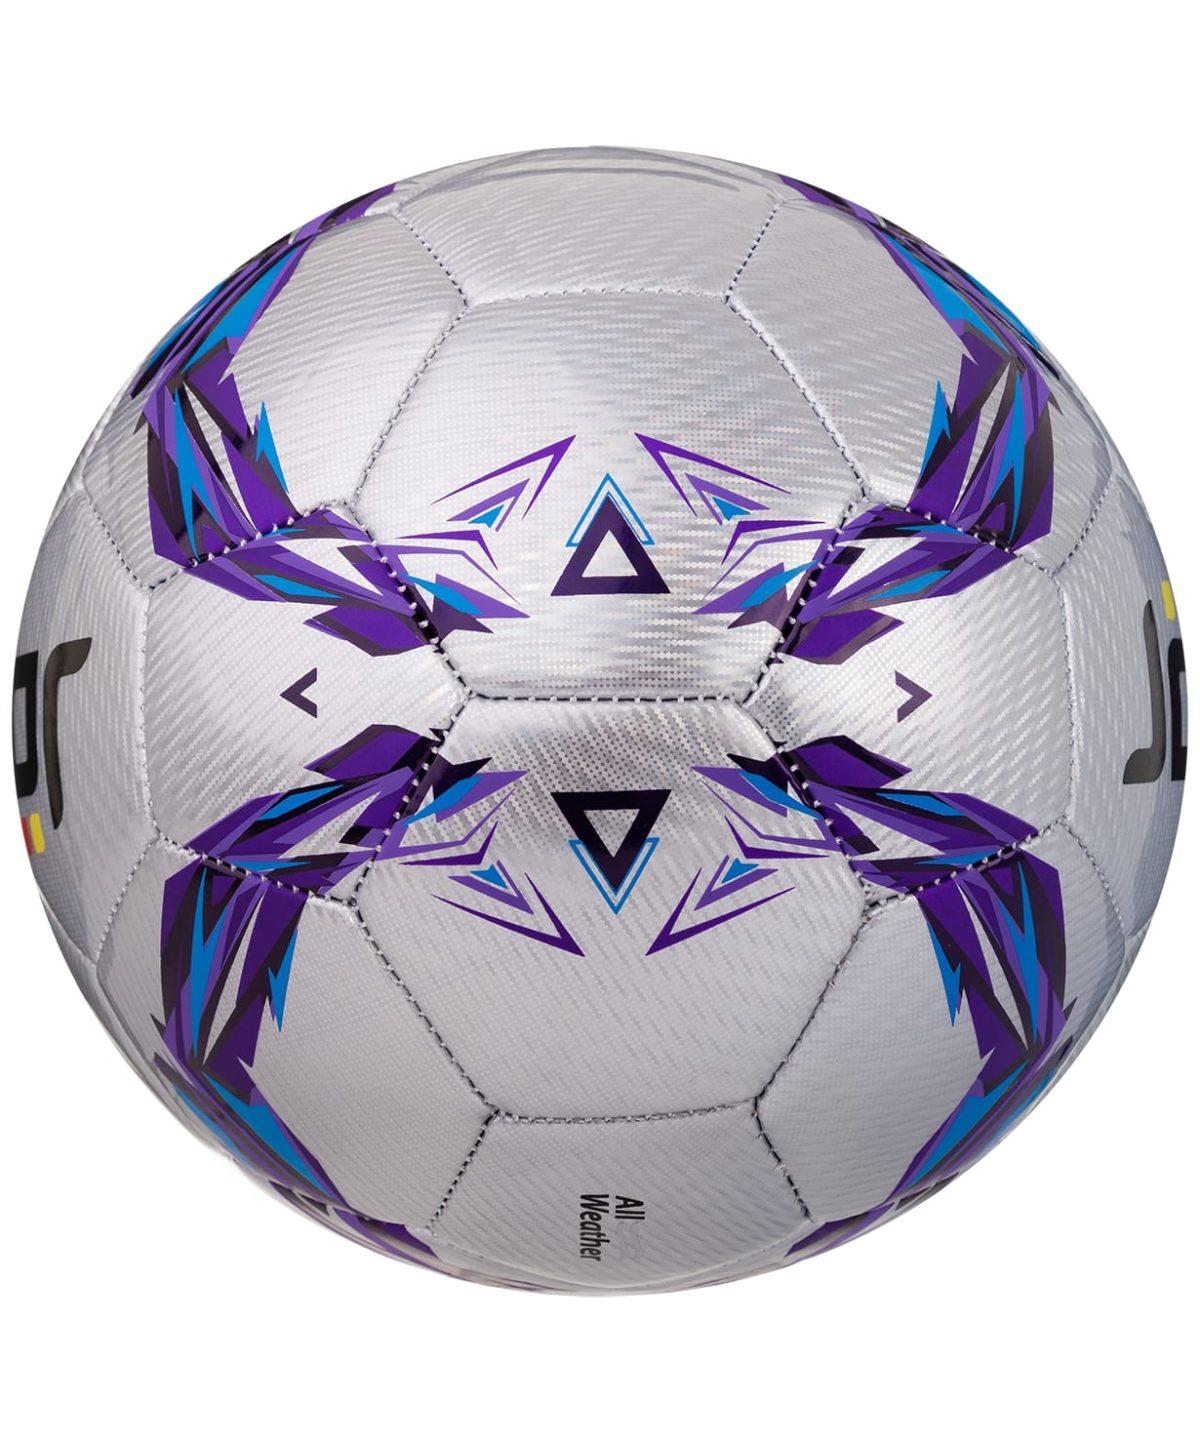 JOGEL Cosmo Мяч футбольный  JS-310 №5 - 2